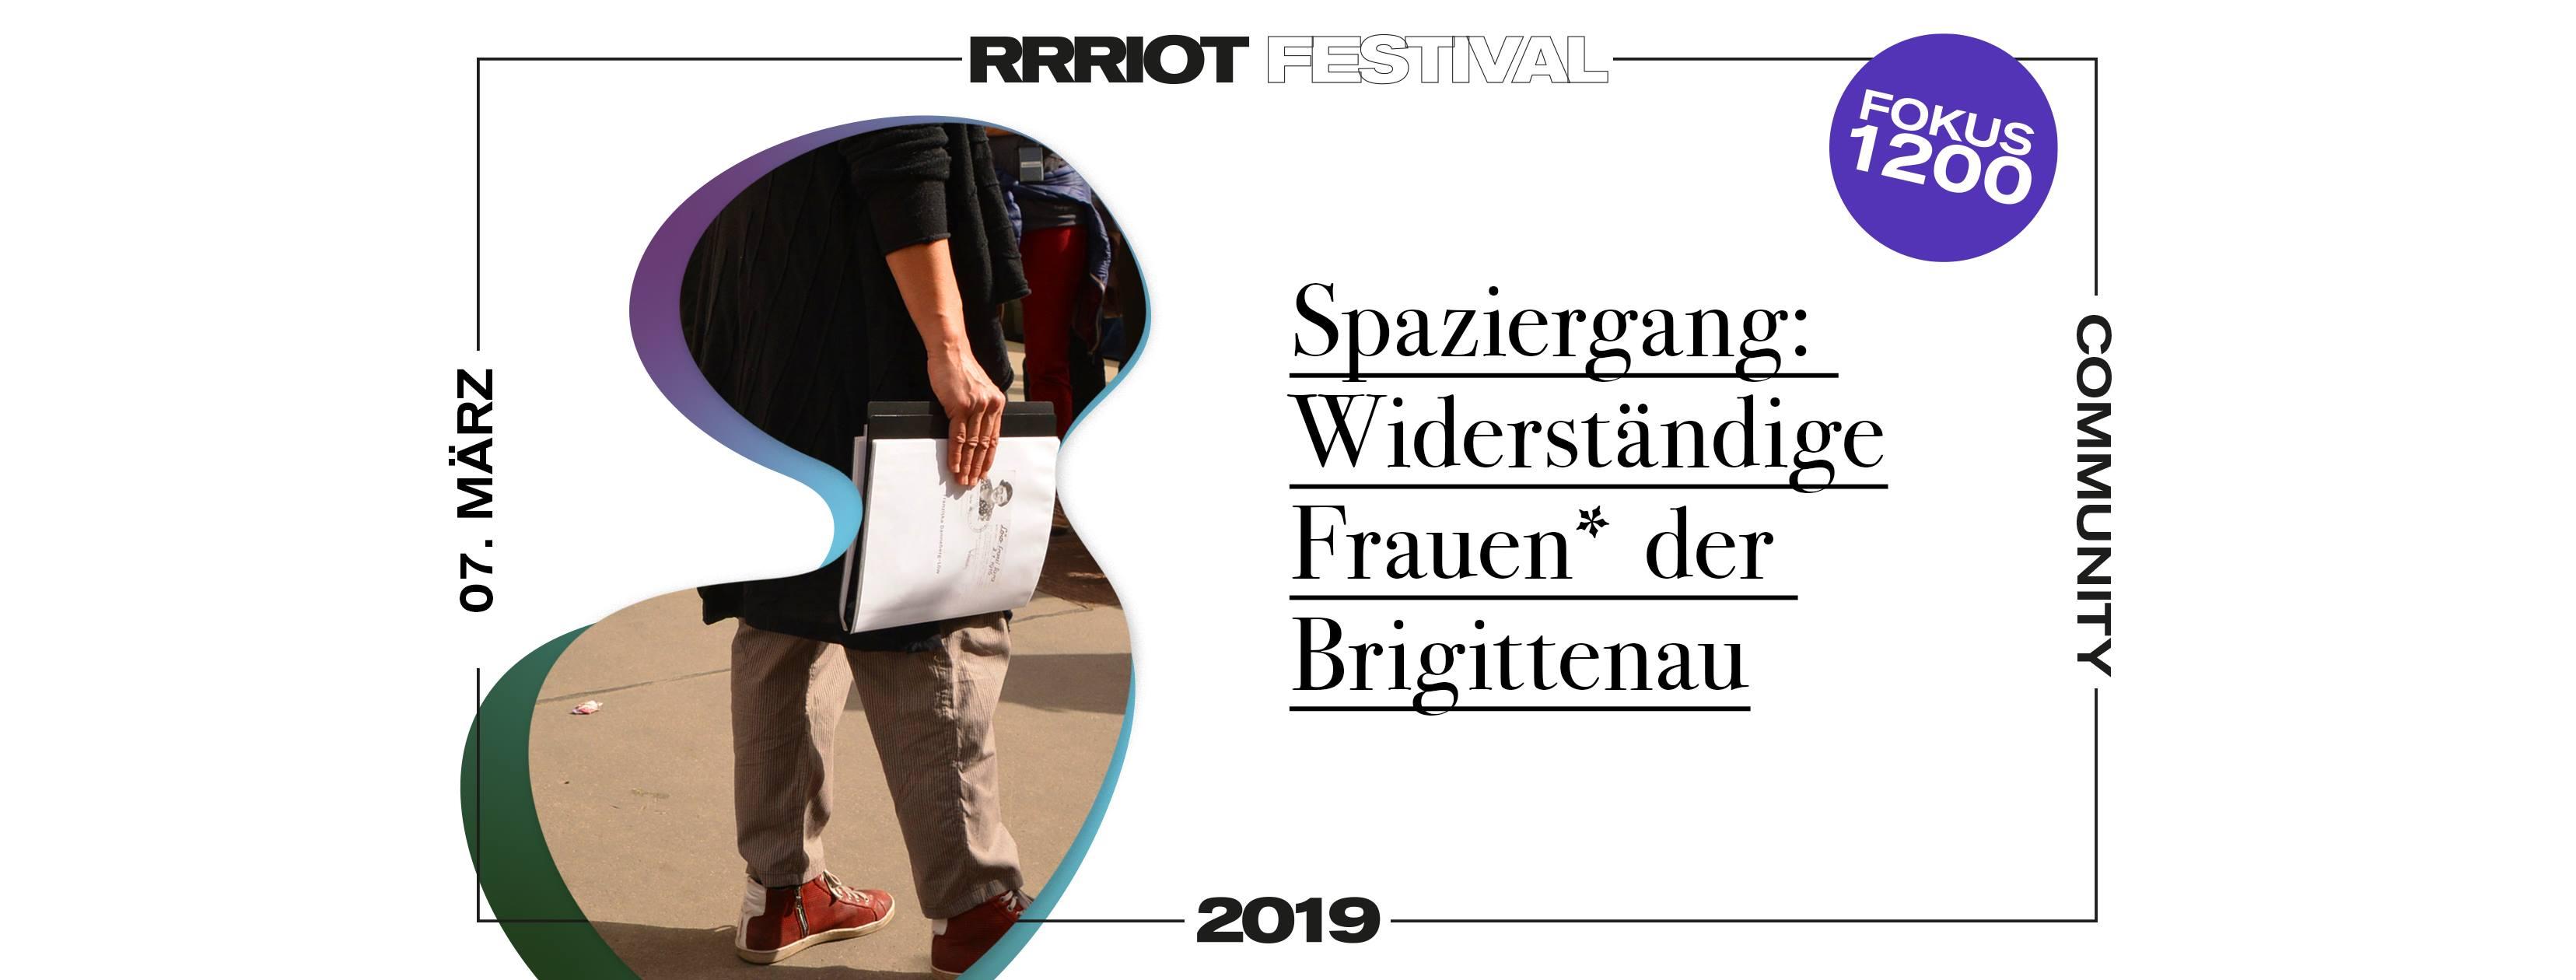 Rrriot Festival 2019 | Spaziergang: Widerständige Frauen in der Brigittenau